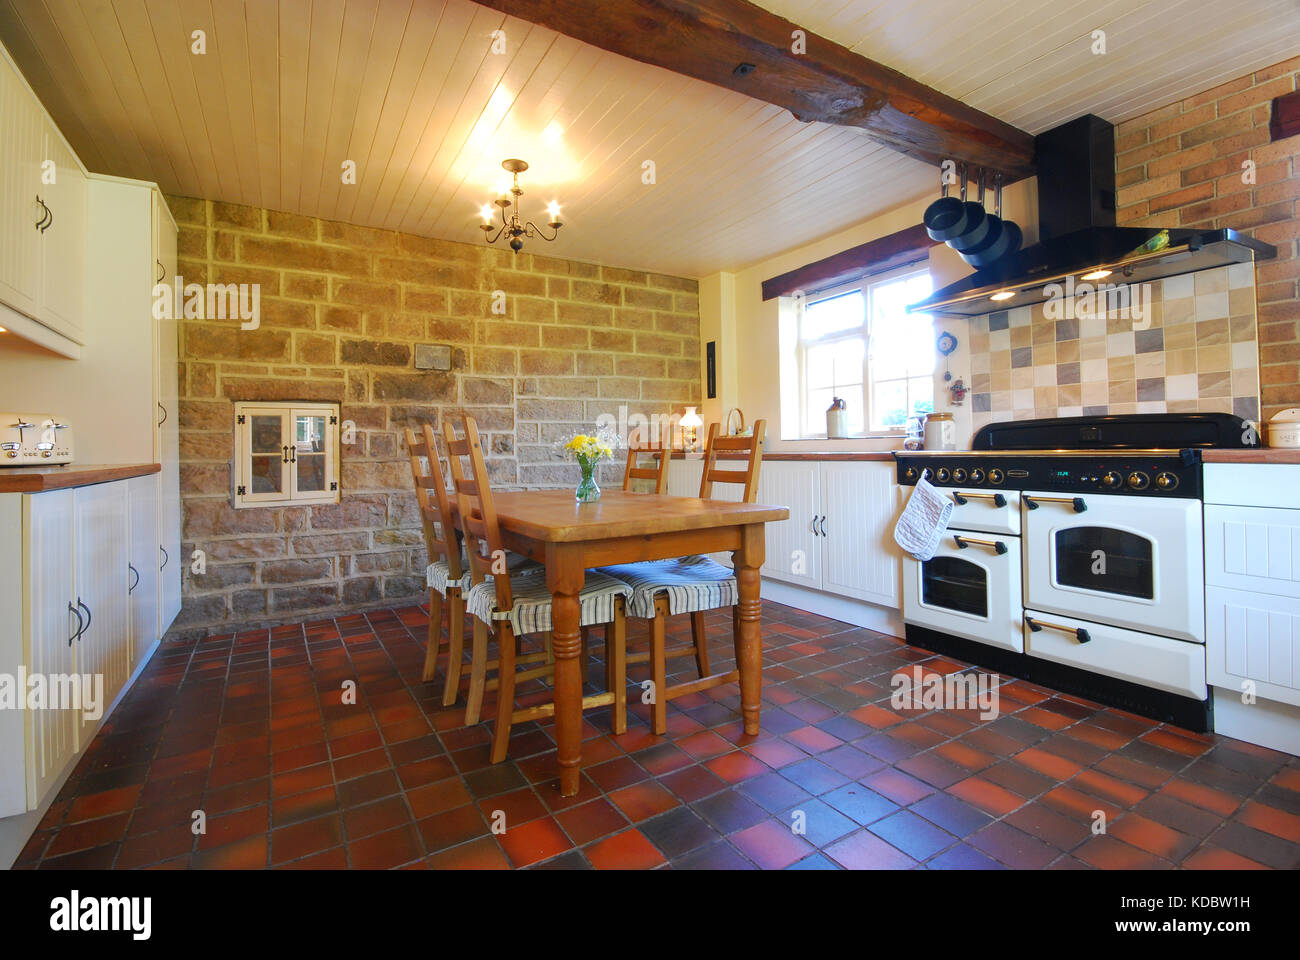 bauernhof küche mit terracotta fliesen und naturstein arbeiten